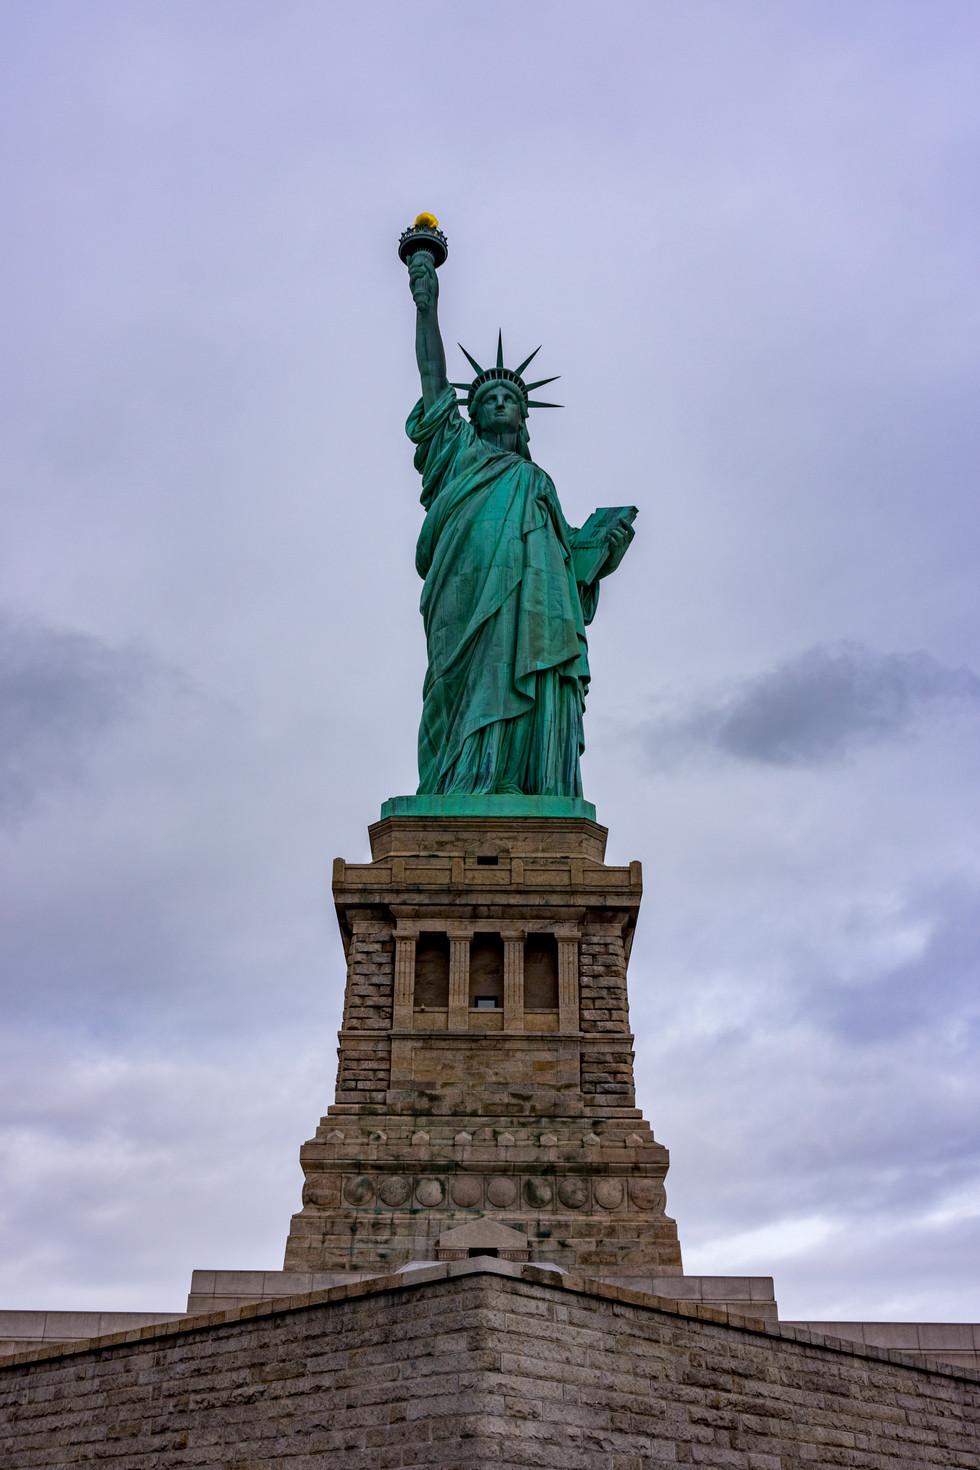 16-StatueOfLiberty2.jpg